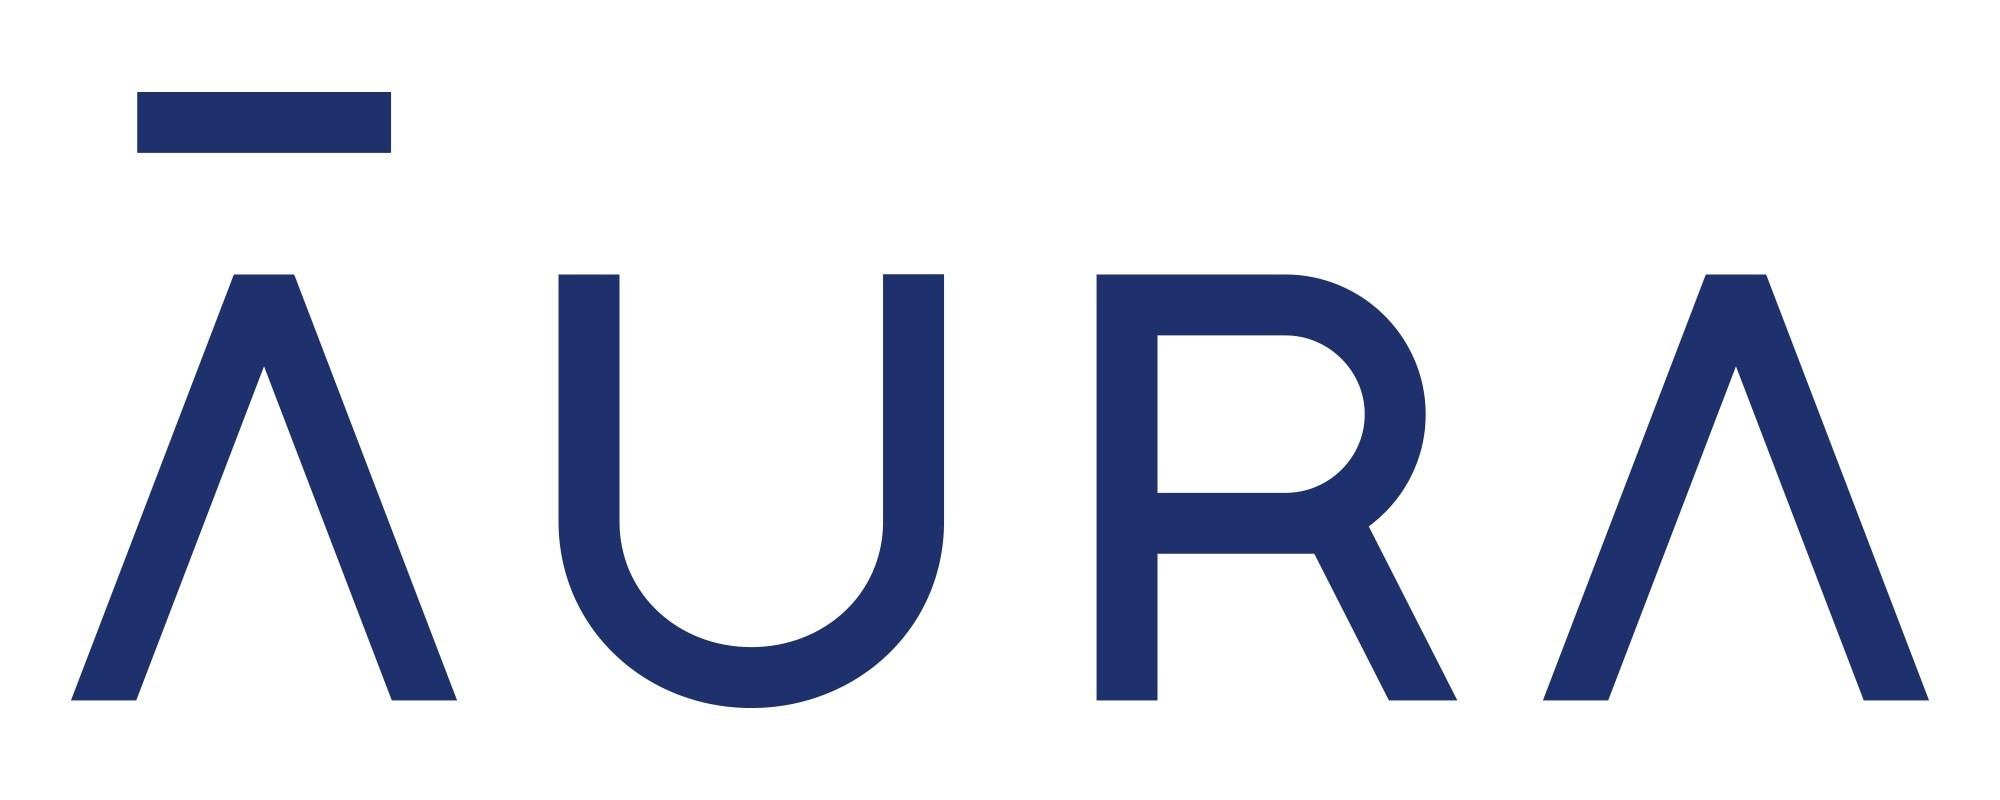 Aura Raises $150M in Series E Funding | FinSMEs